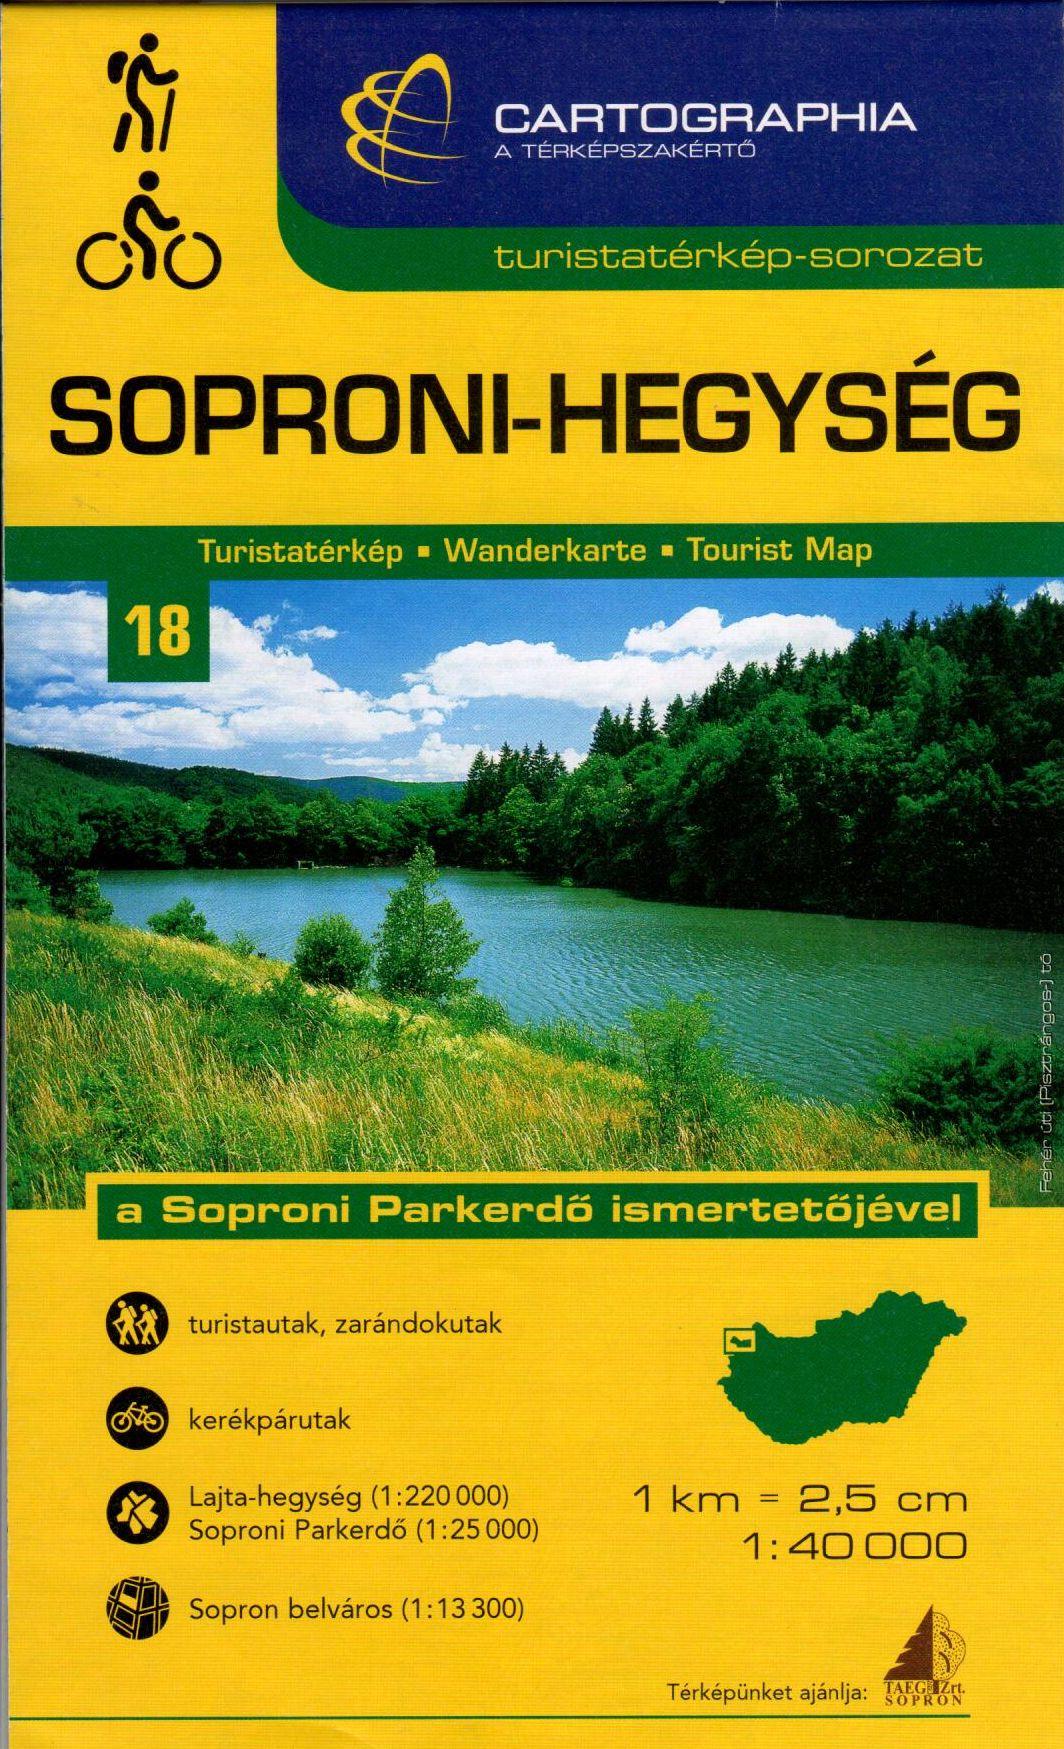 Soproni Parkerdő térkép és Sopron belvárostérkép